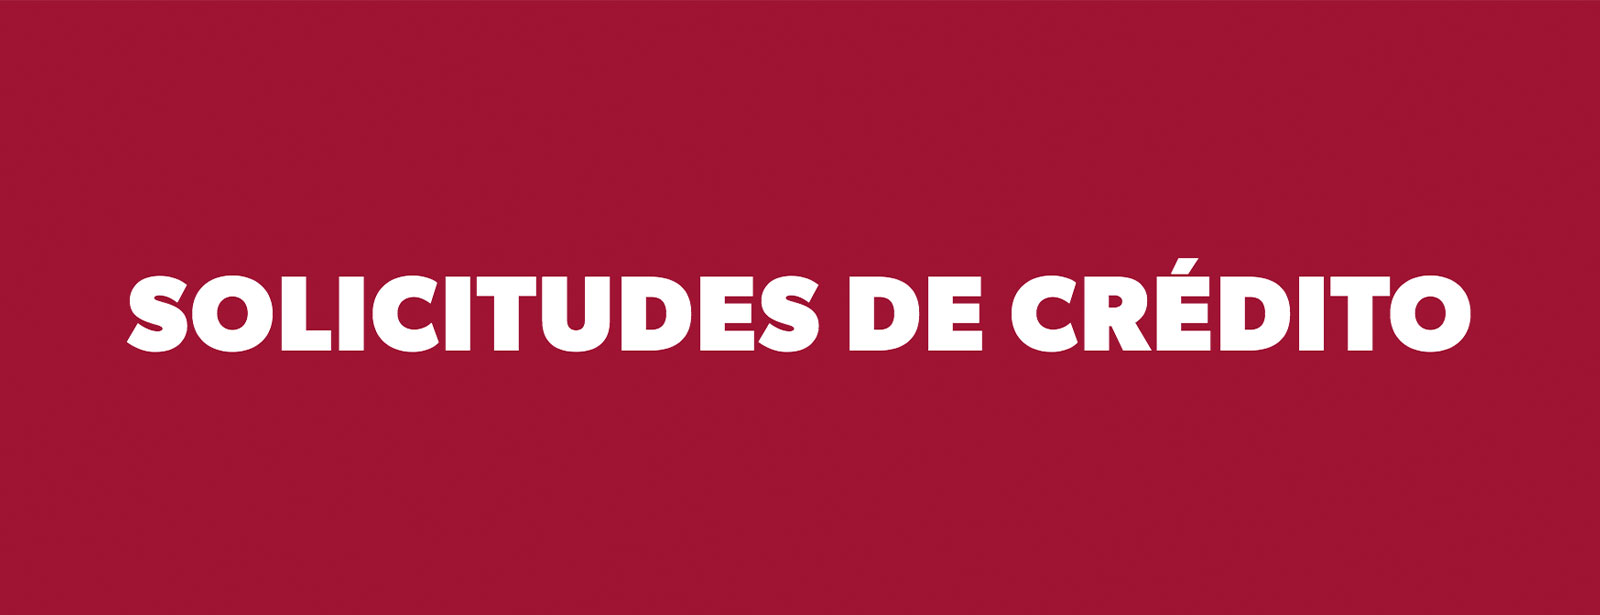 Solicitudes de crédito para Posgrados de la Universidad de los Andes